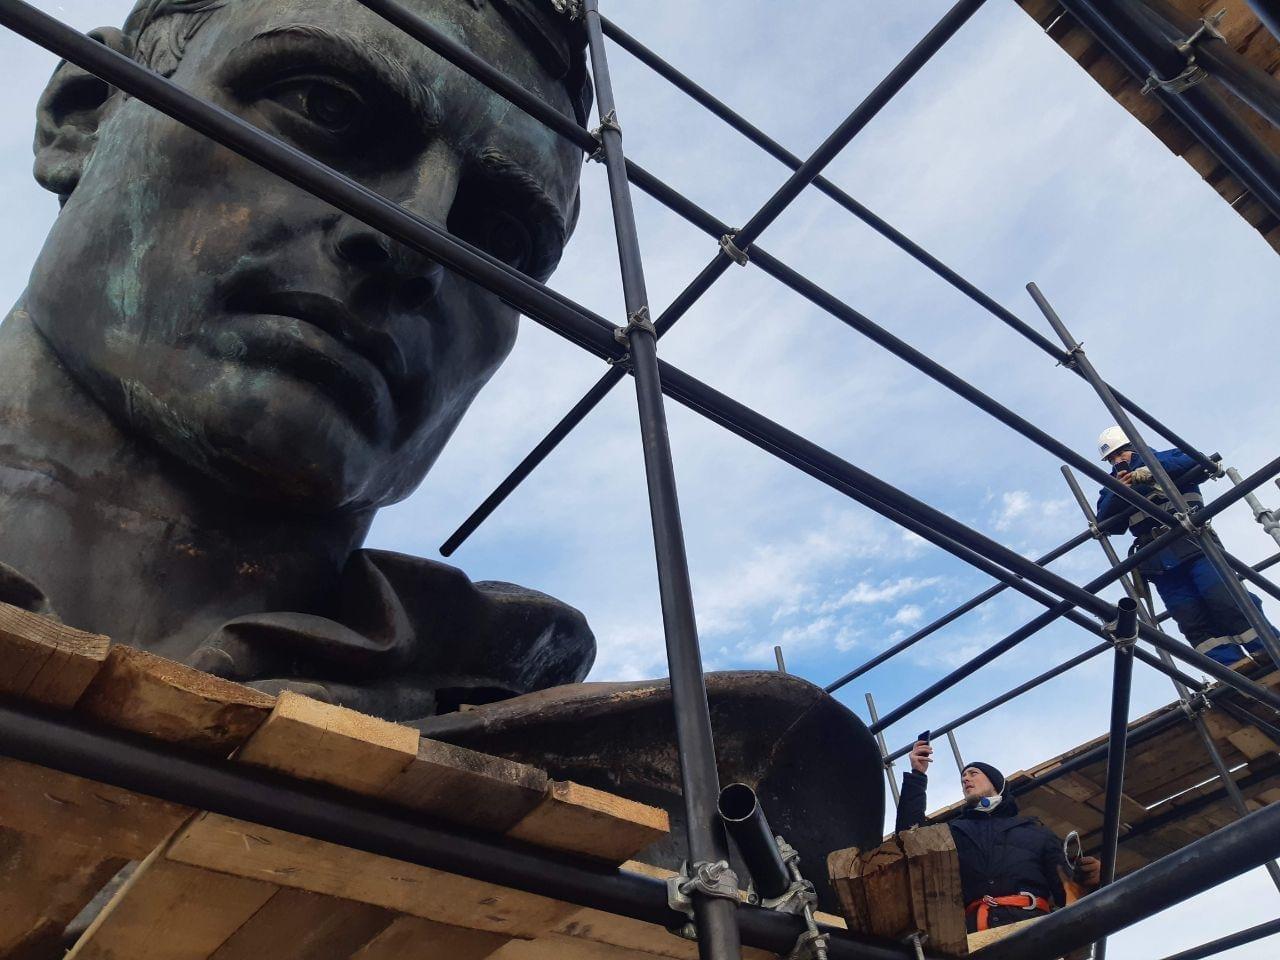 Скульптор Валерия Малышева о работе над Ржевским мемориалом Советскому солдату